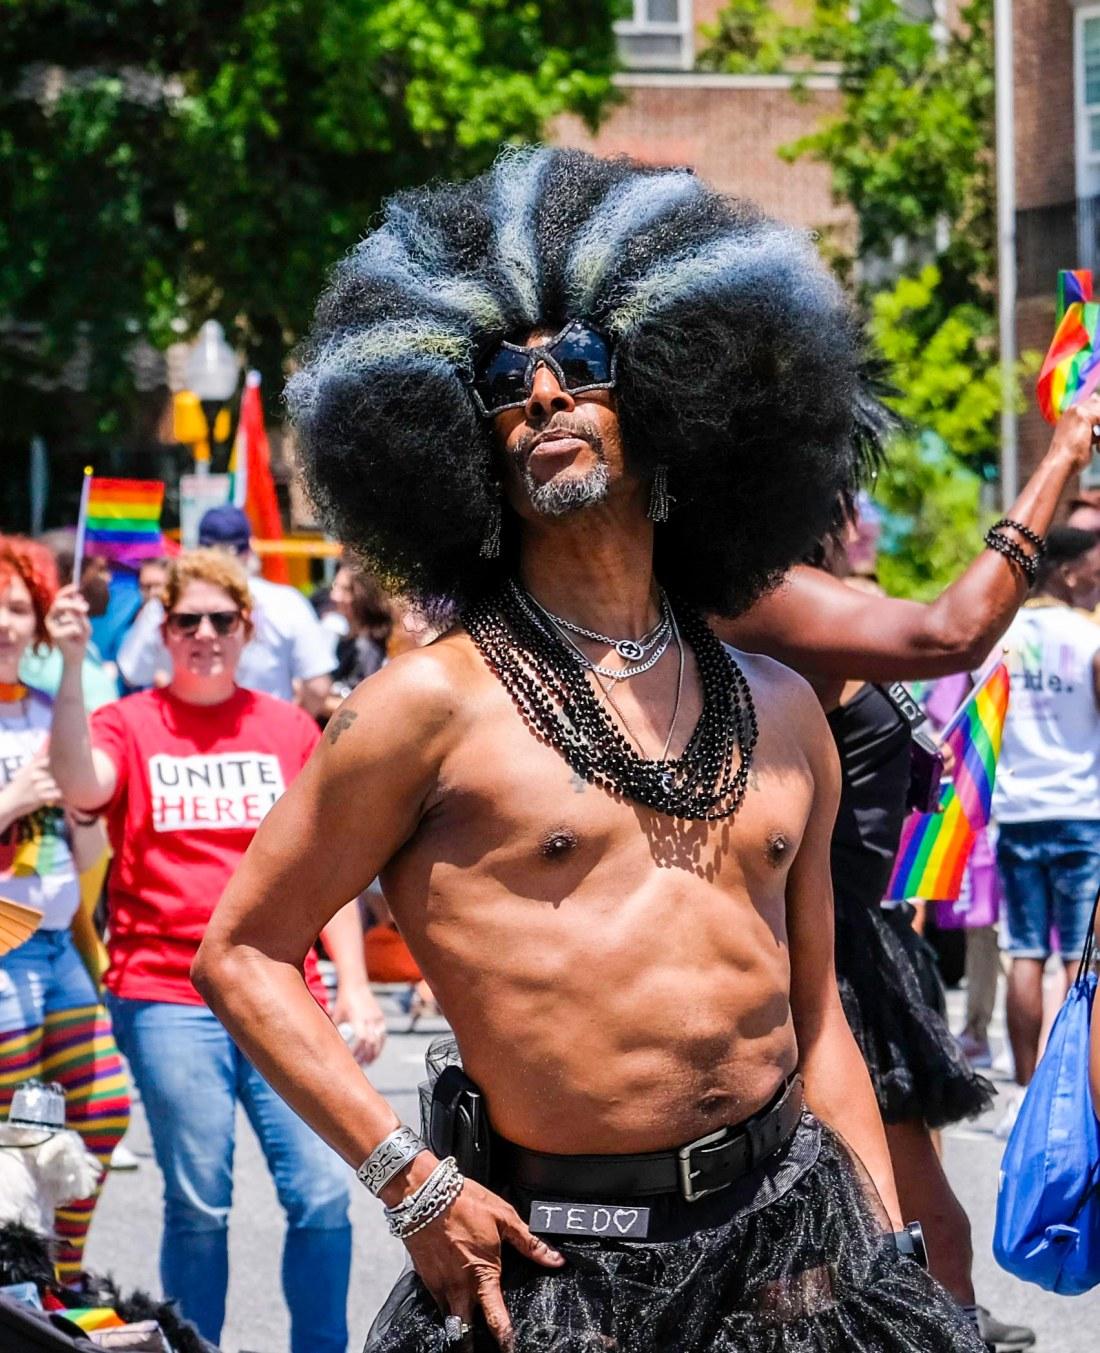 PrideBaltimore6.jpg